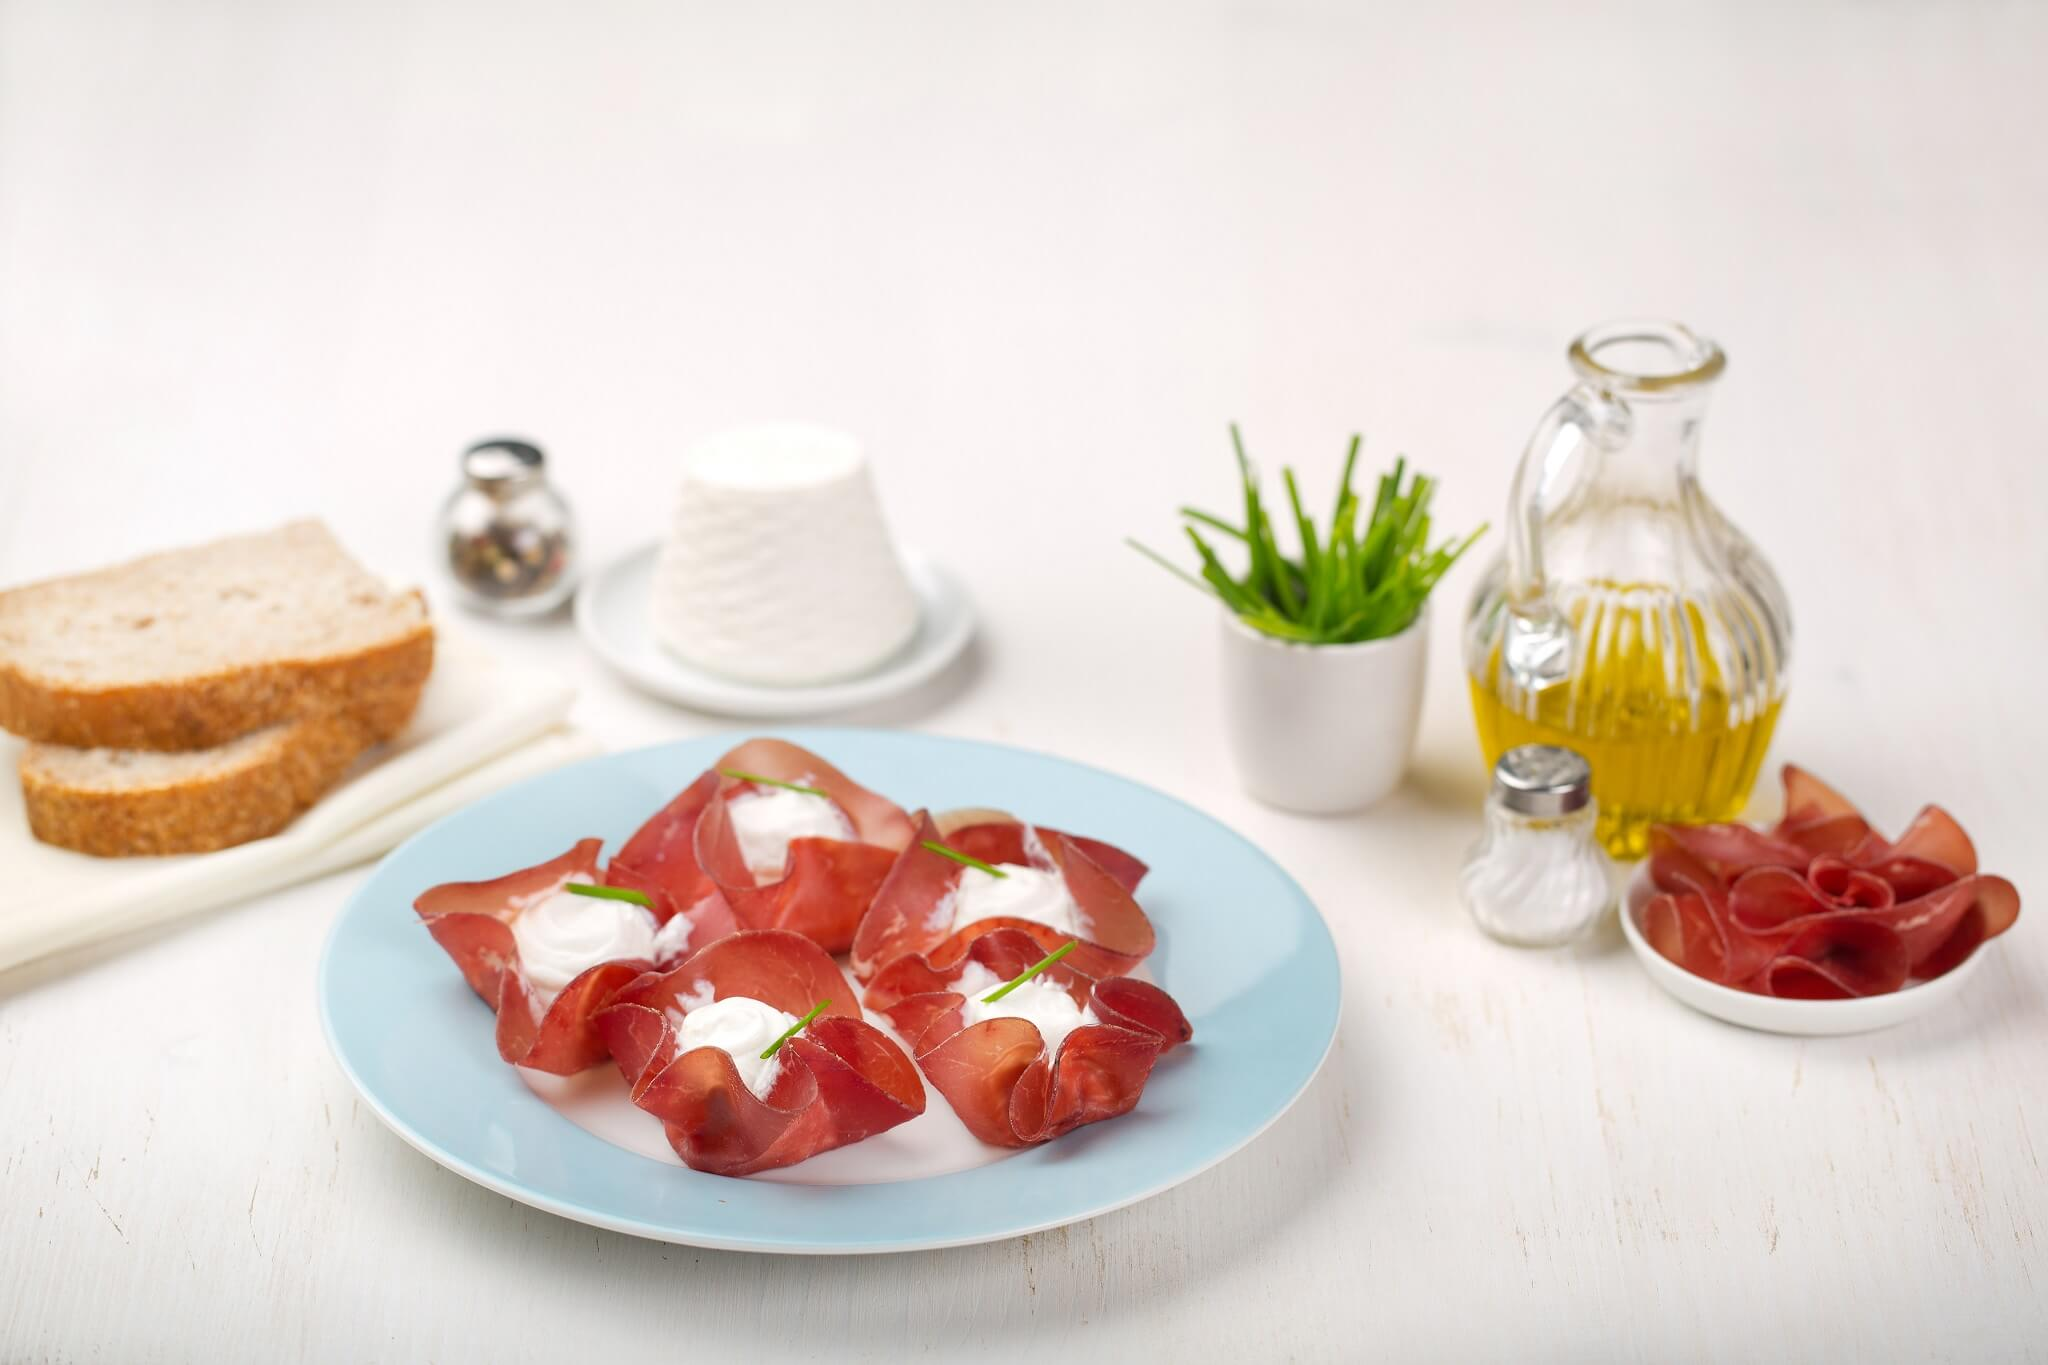 Recette paniers de ricotta et bresaola cuisine rapide - Cuisine rapide et saine ...